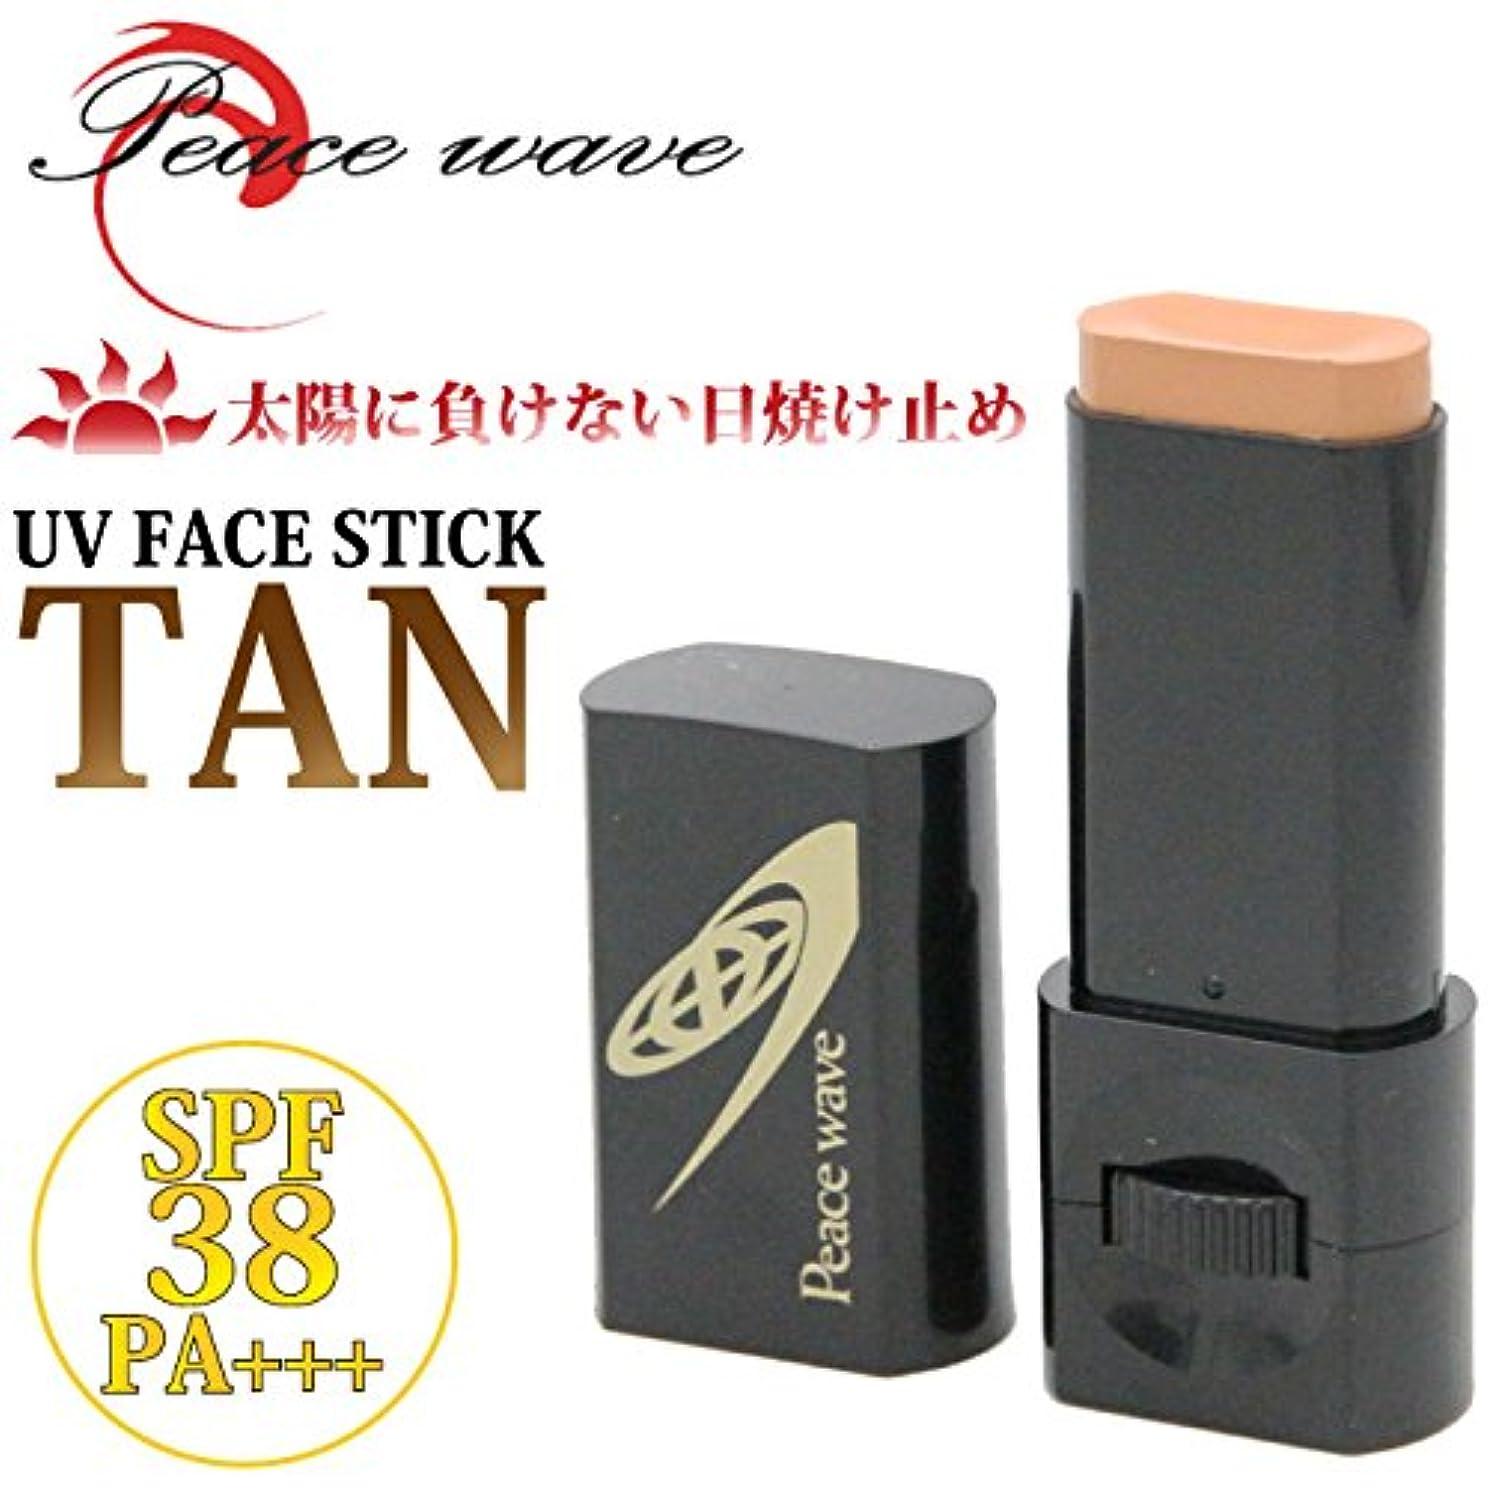 ひばり文芸十分ですPEACE WAVE(ピースウェーブ) 日焼け止め UV FACE STICK SPF38 フェイススティック タン